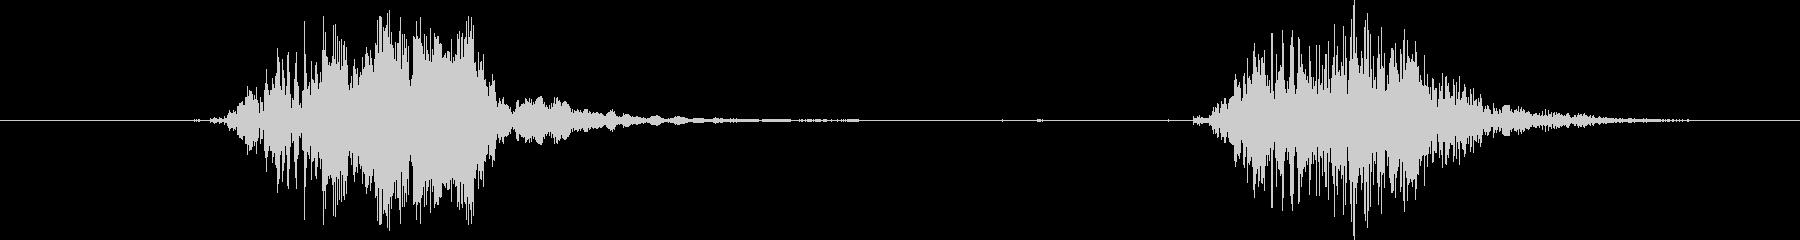 標準プードル:Int:2つの樹皮、犬の未再生の波形